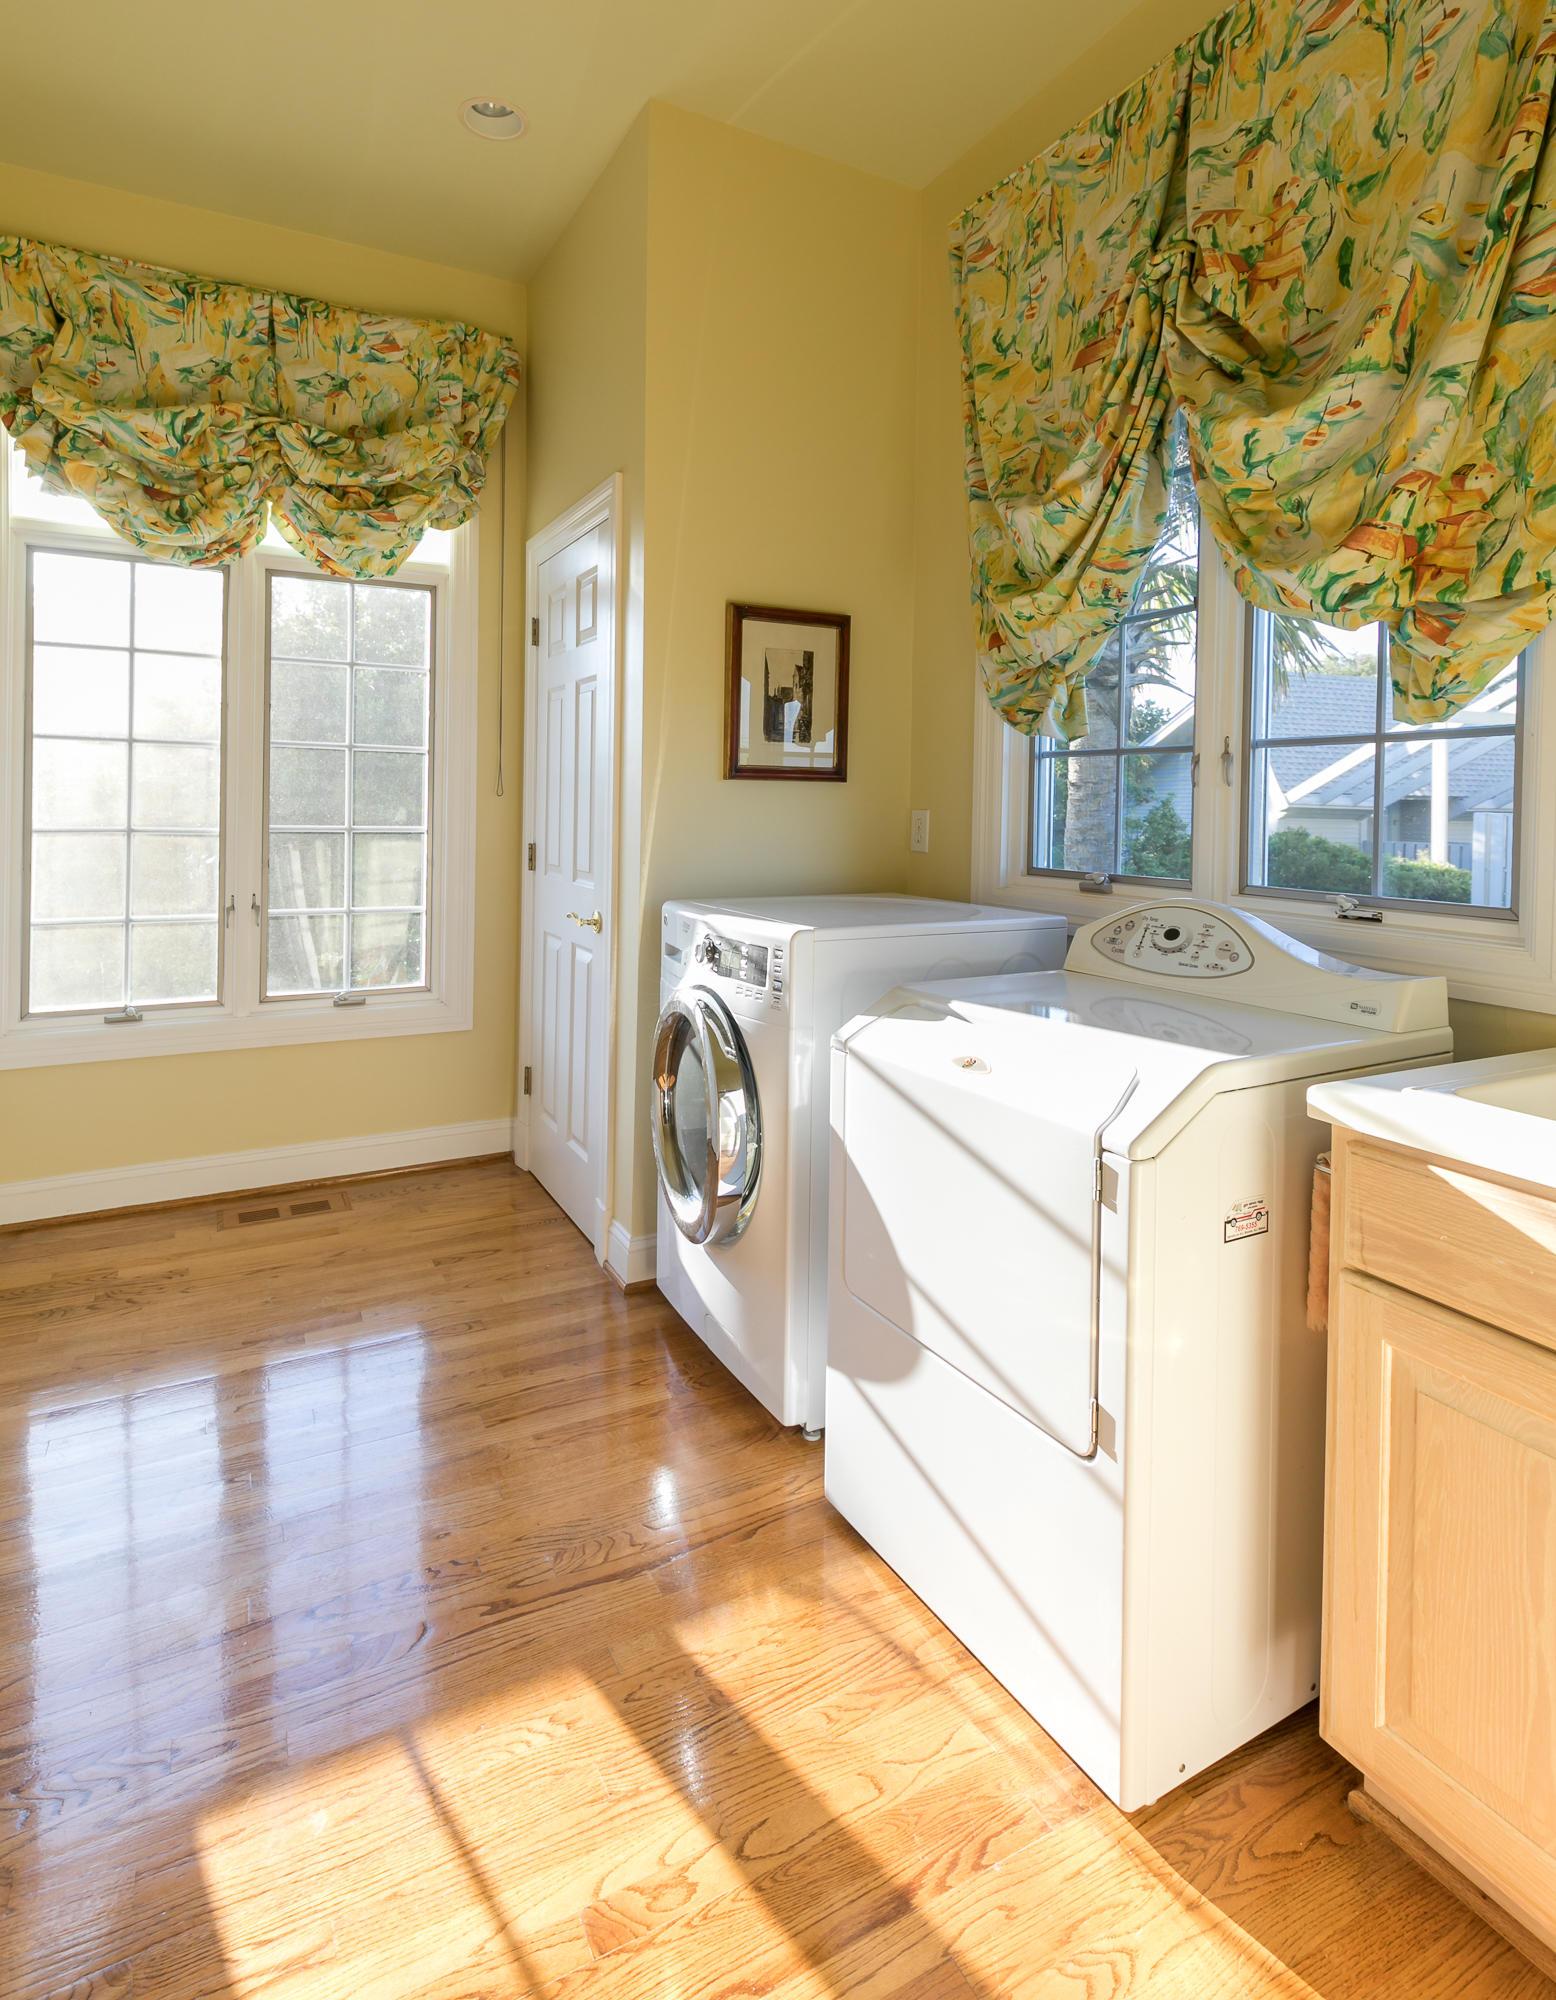 Seabrook Island Homes For Sale - 3640 Pompano, Seabrook Island, SC - 28